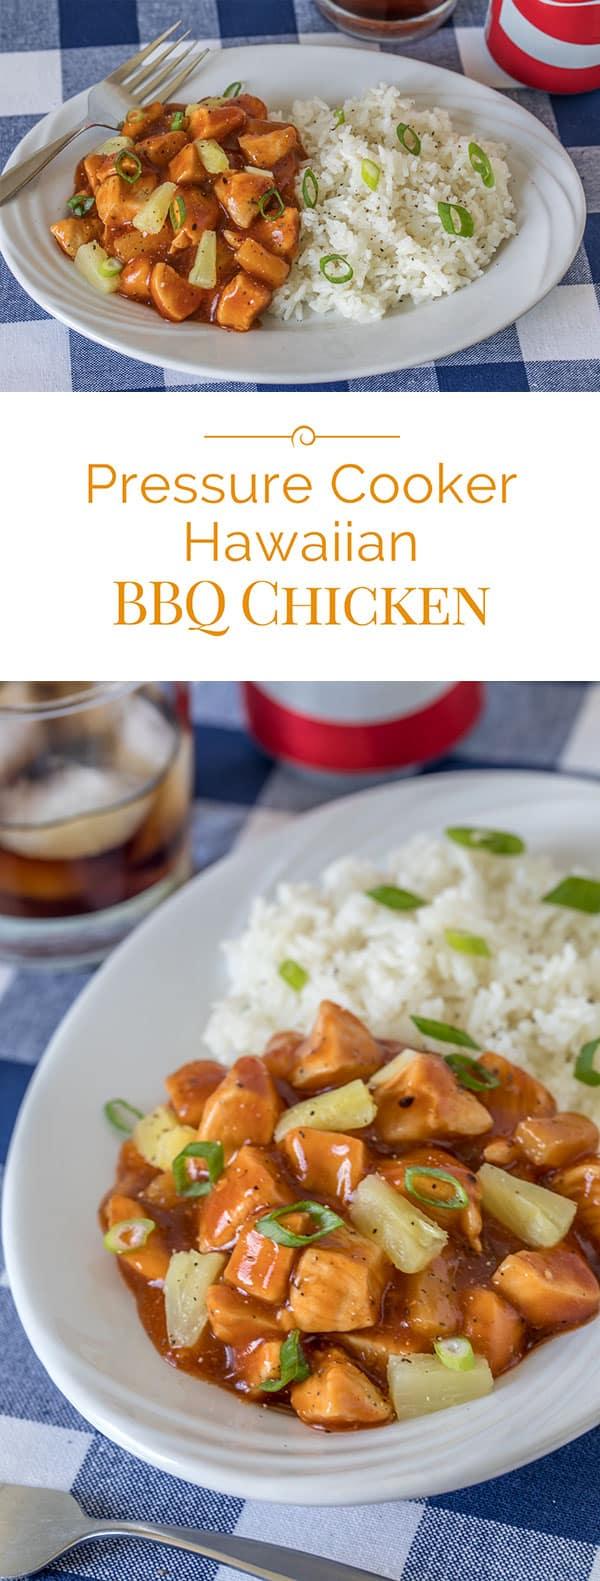 Pressure Cooker (Instant Pot) Hawaiian BBQ Chicken